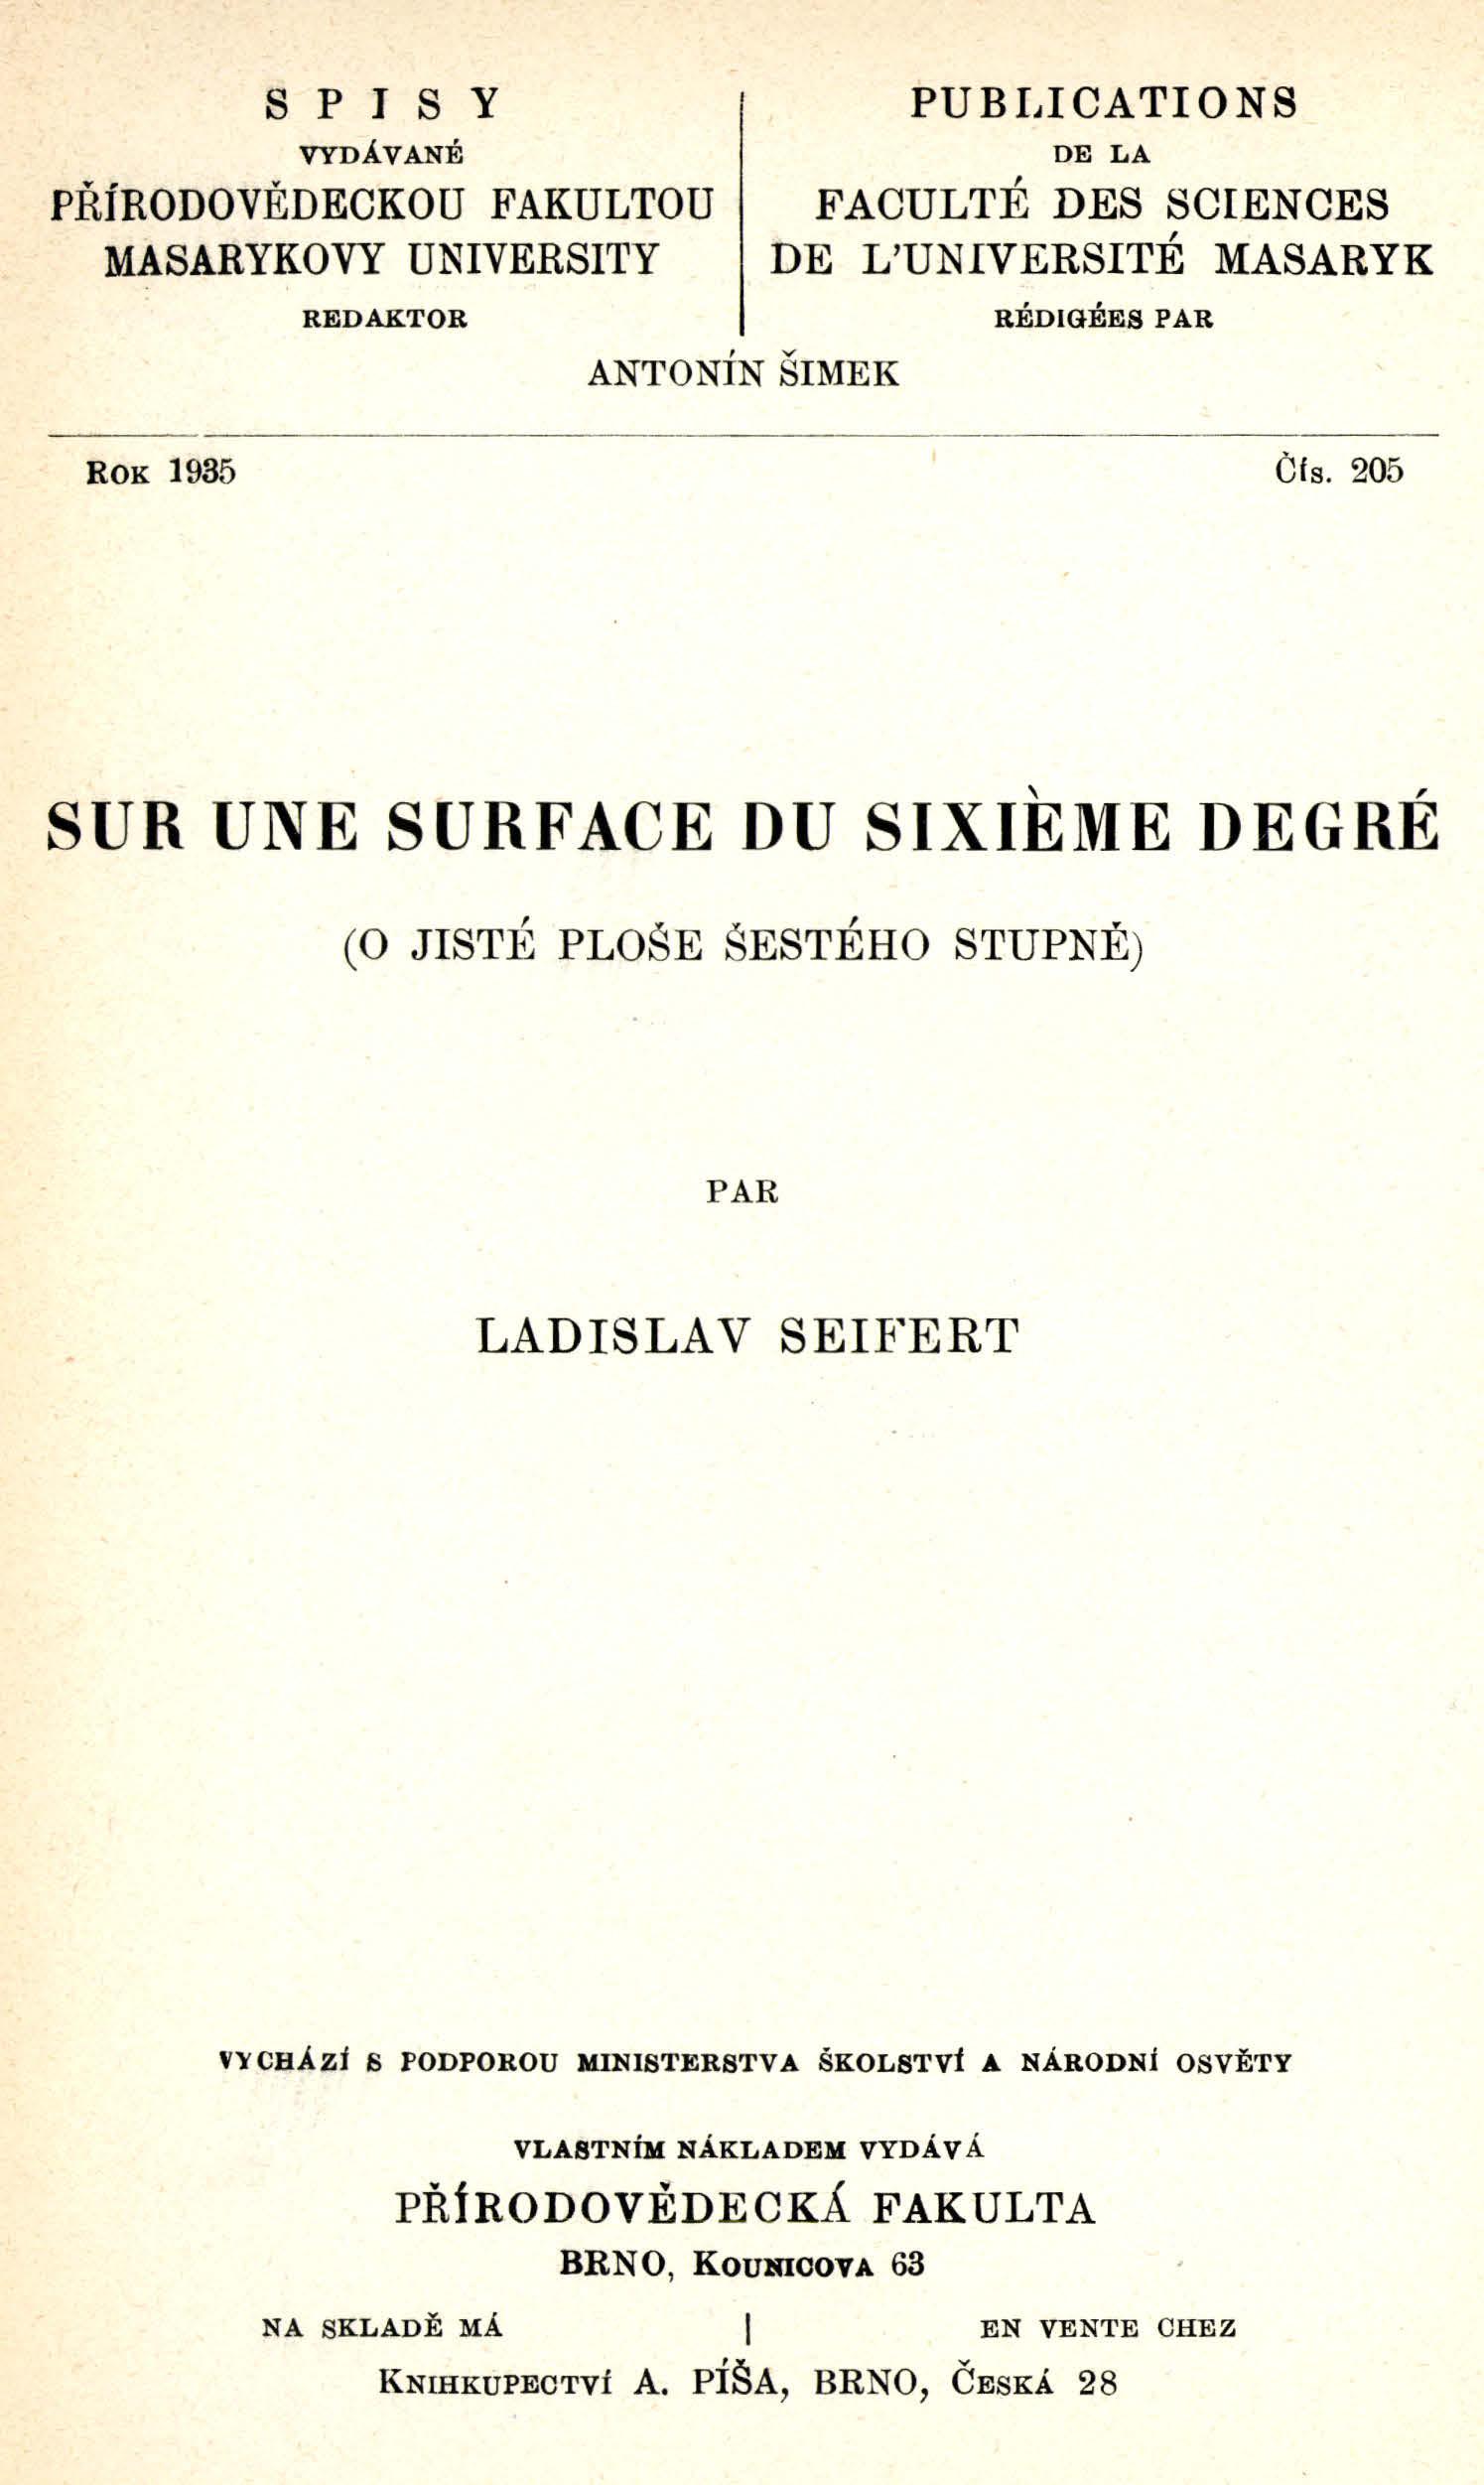 Obálka pro Sur une surface du sixième degré